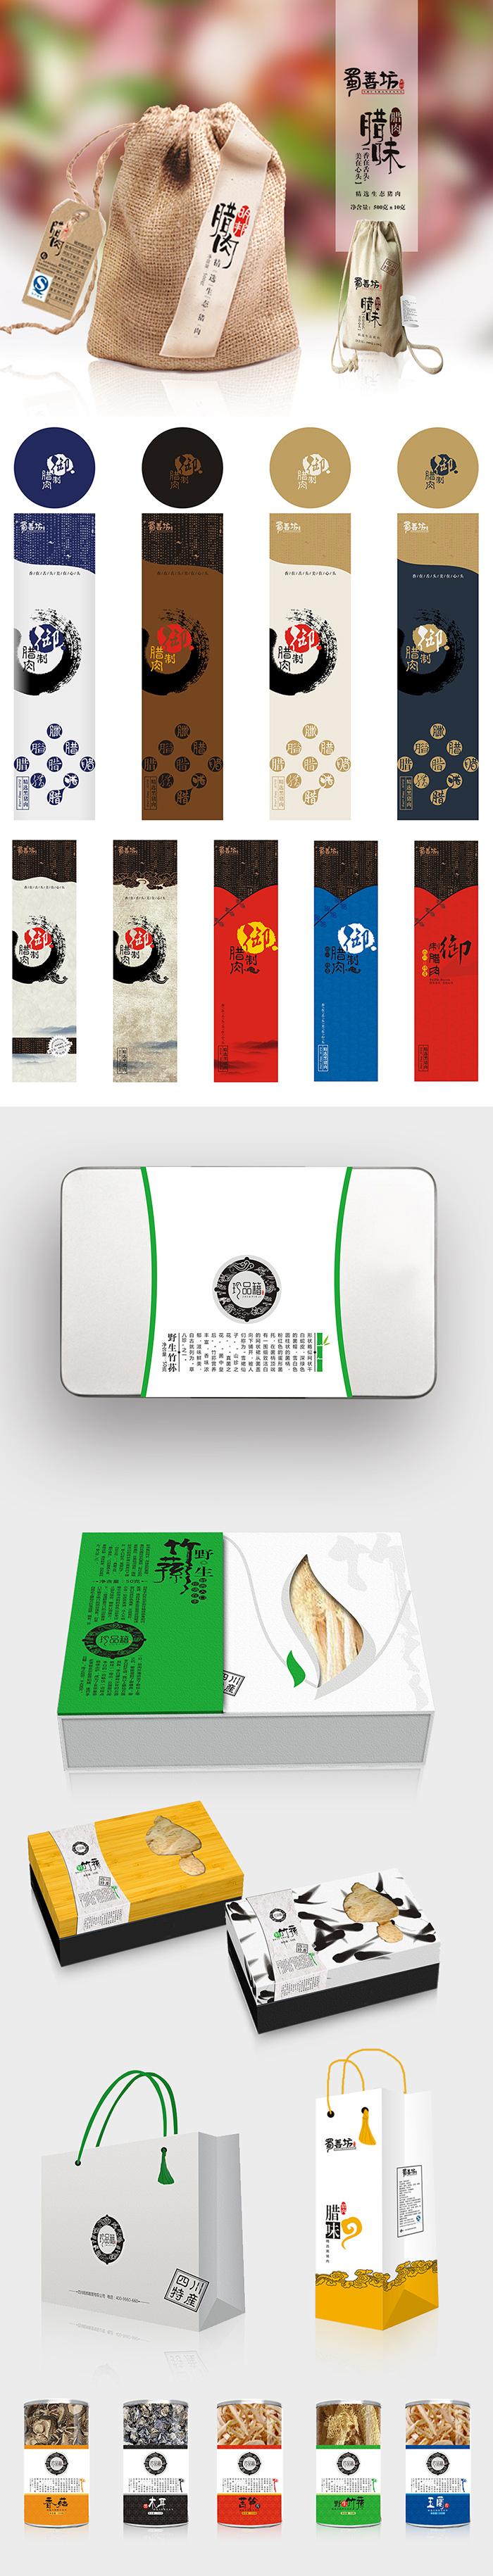 名邦商贸产品包装亿博竞技展示